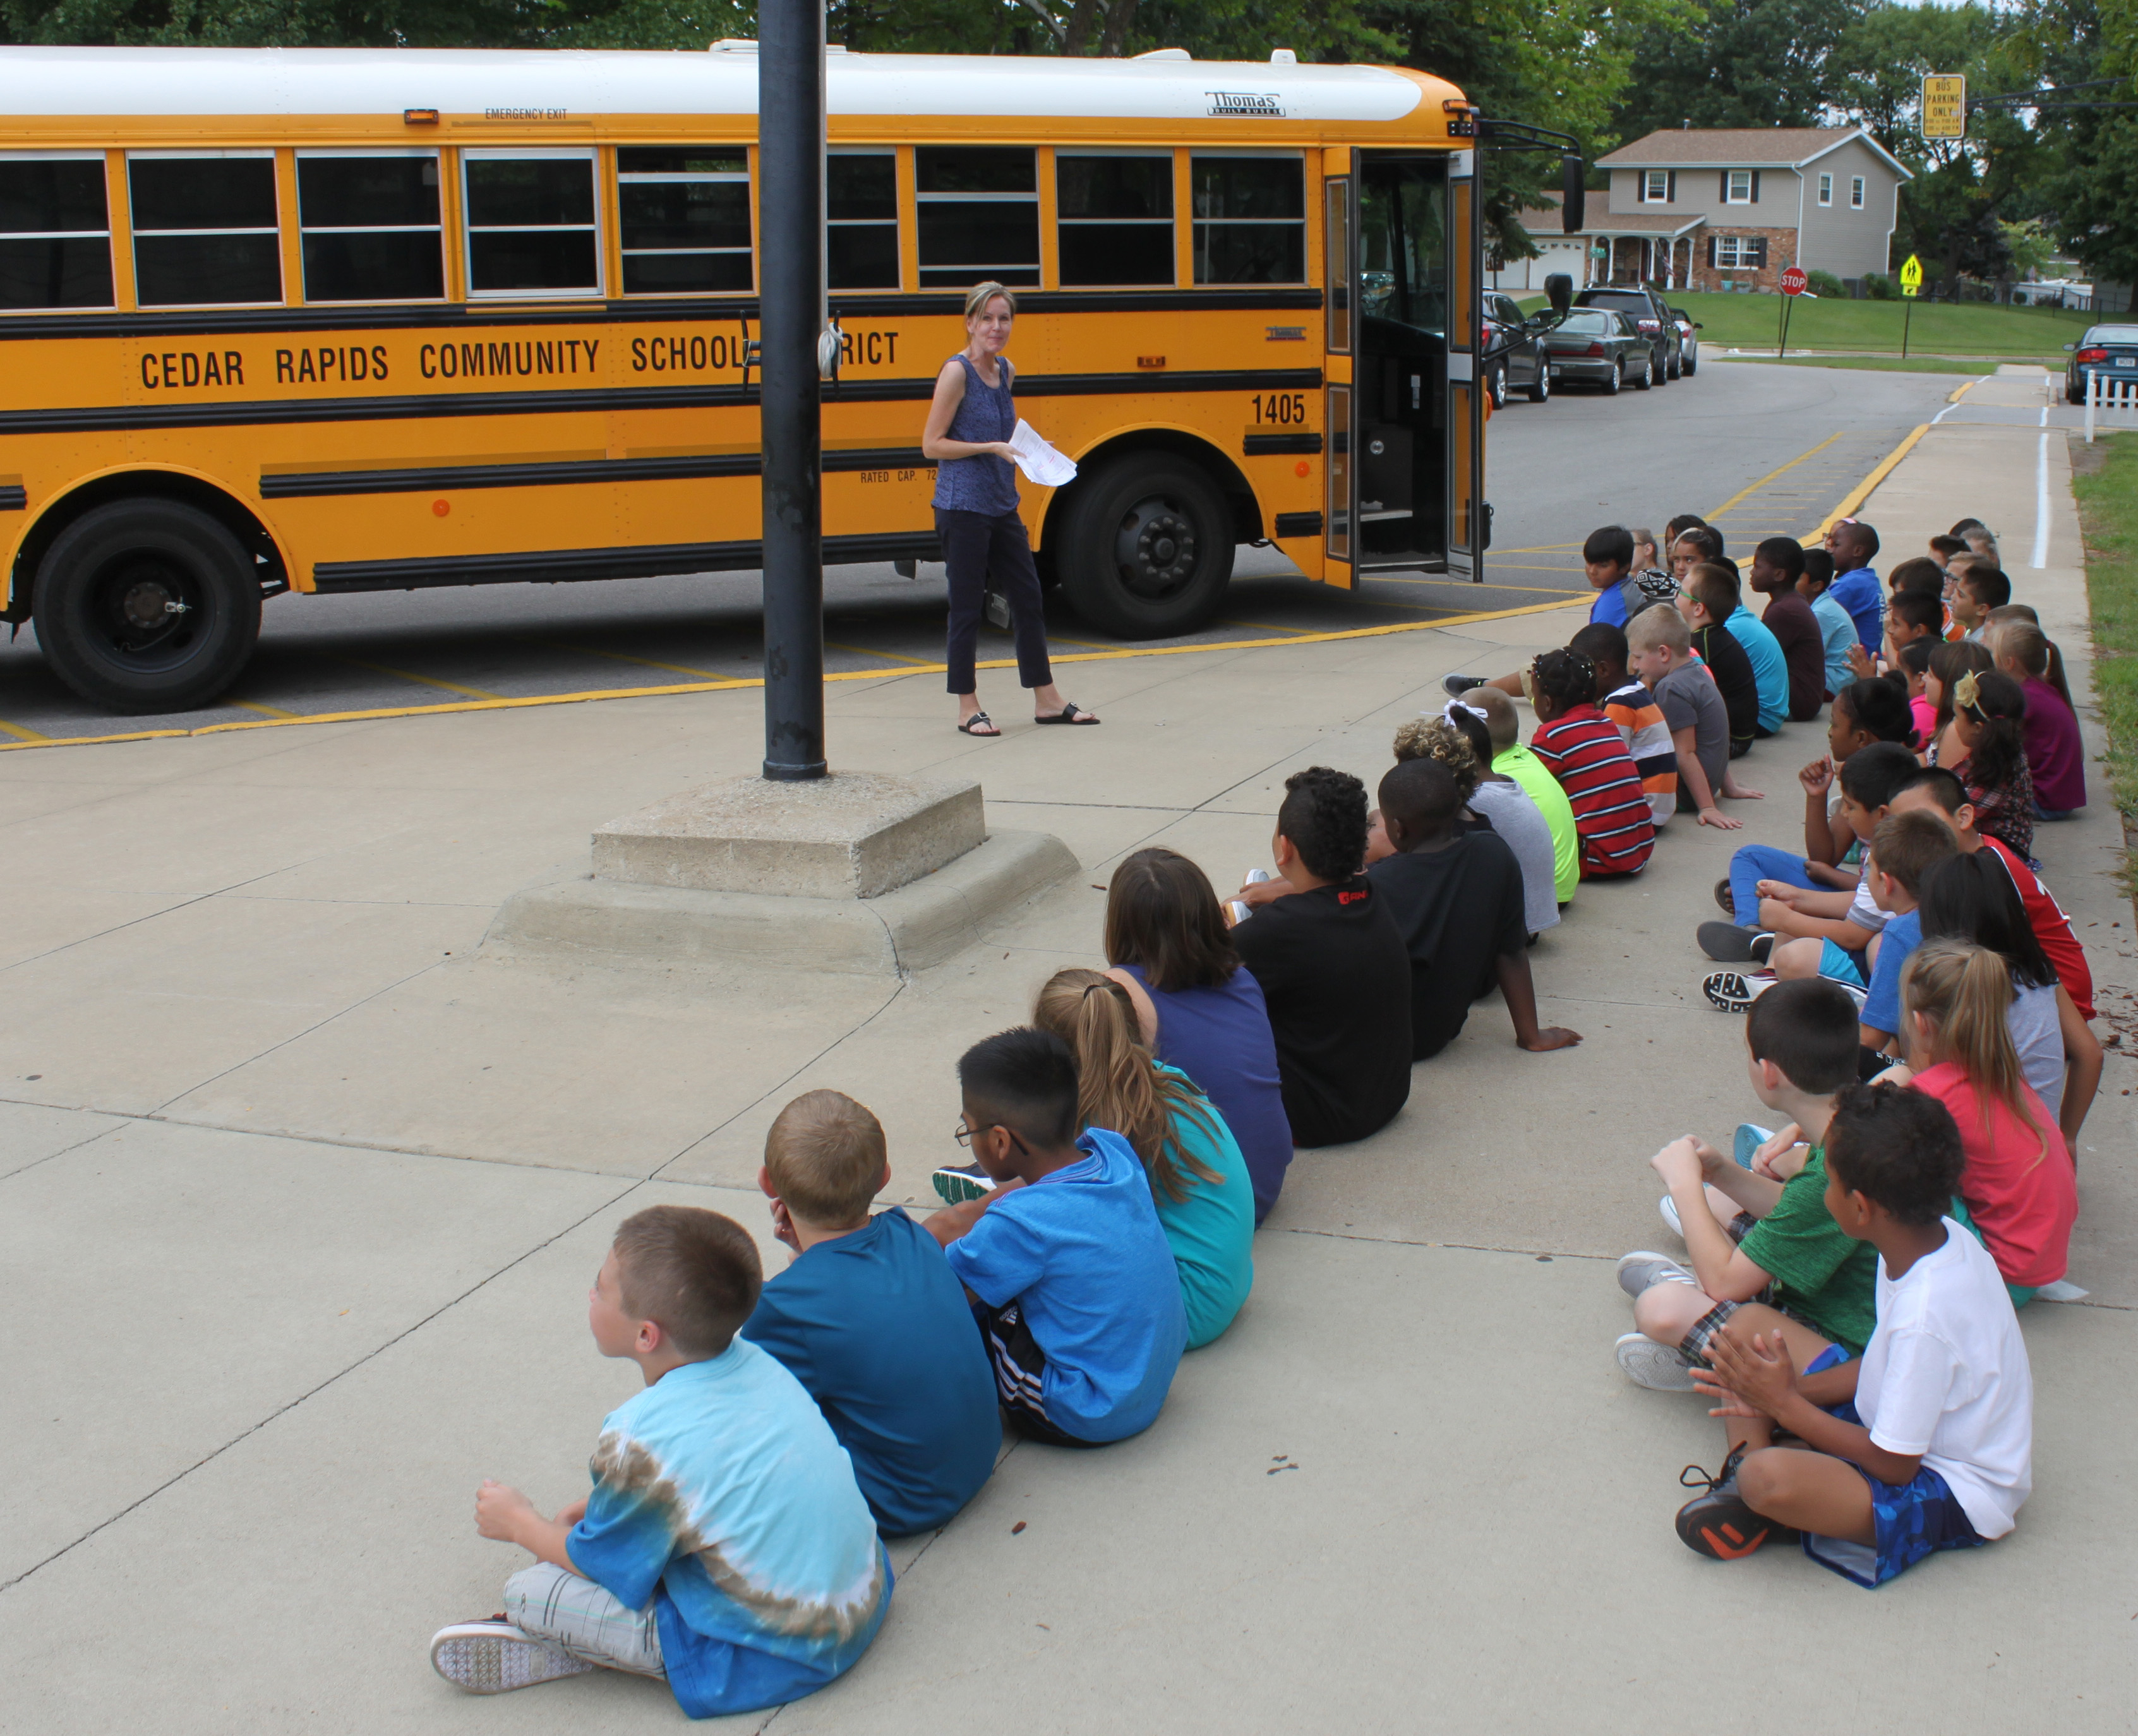 2017 18 School Calendar Approved – General News – News For Cedar Rapids School District Calendar